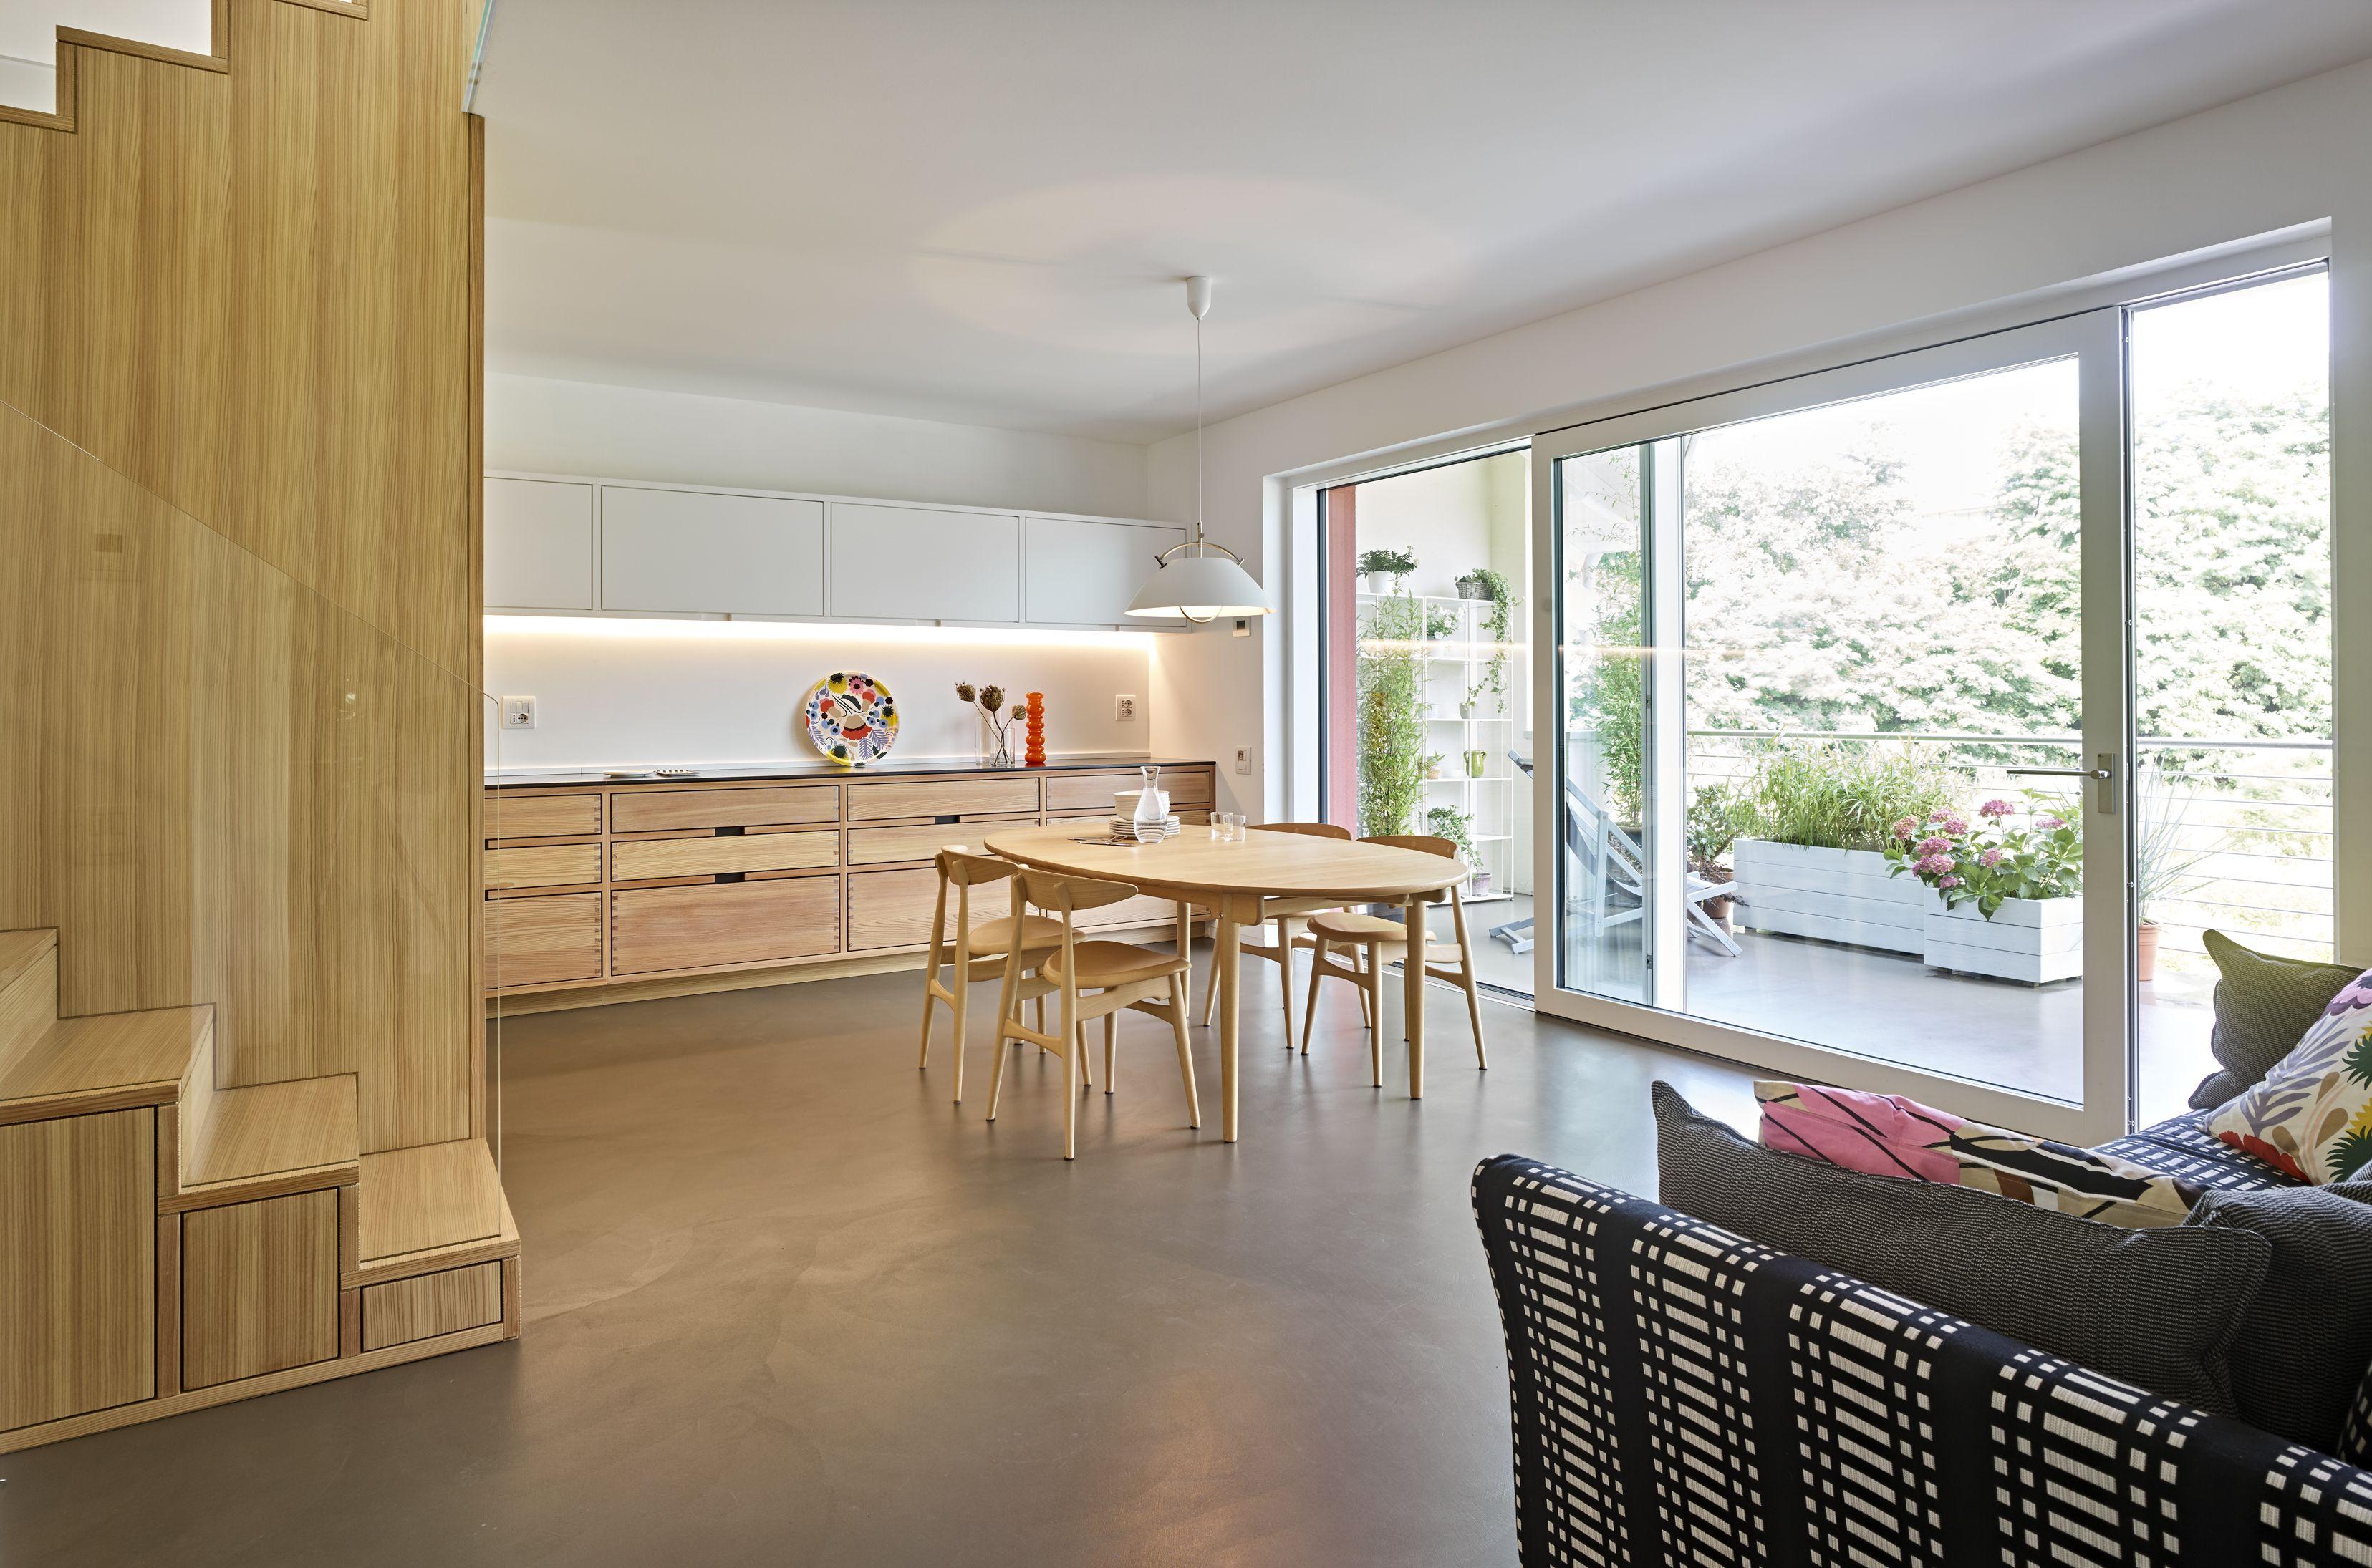 BFA CS APARTMENT architecture interior design interiordesign